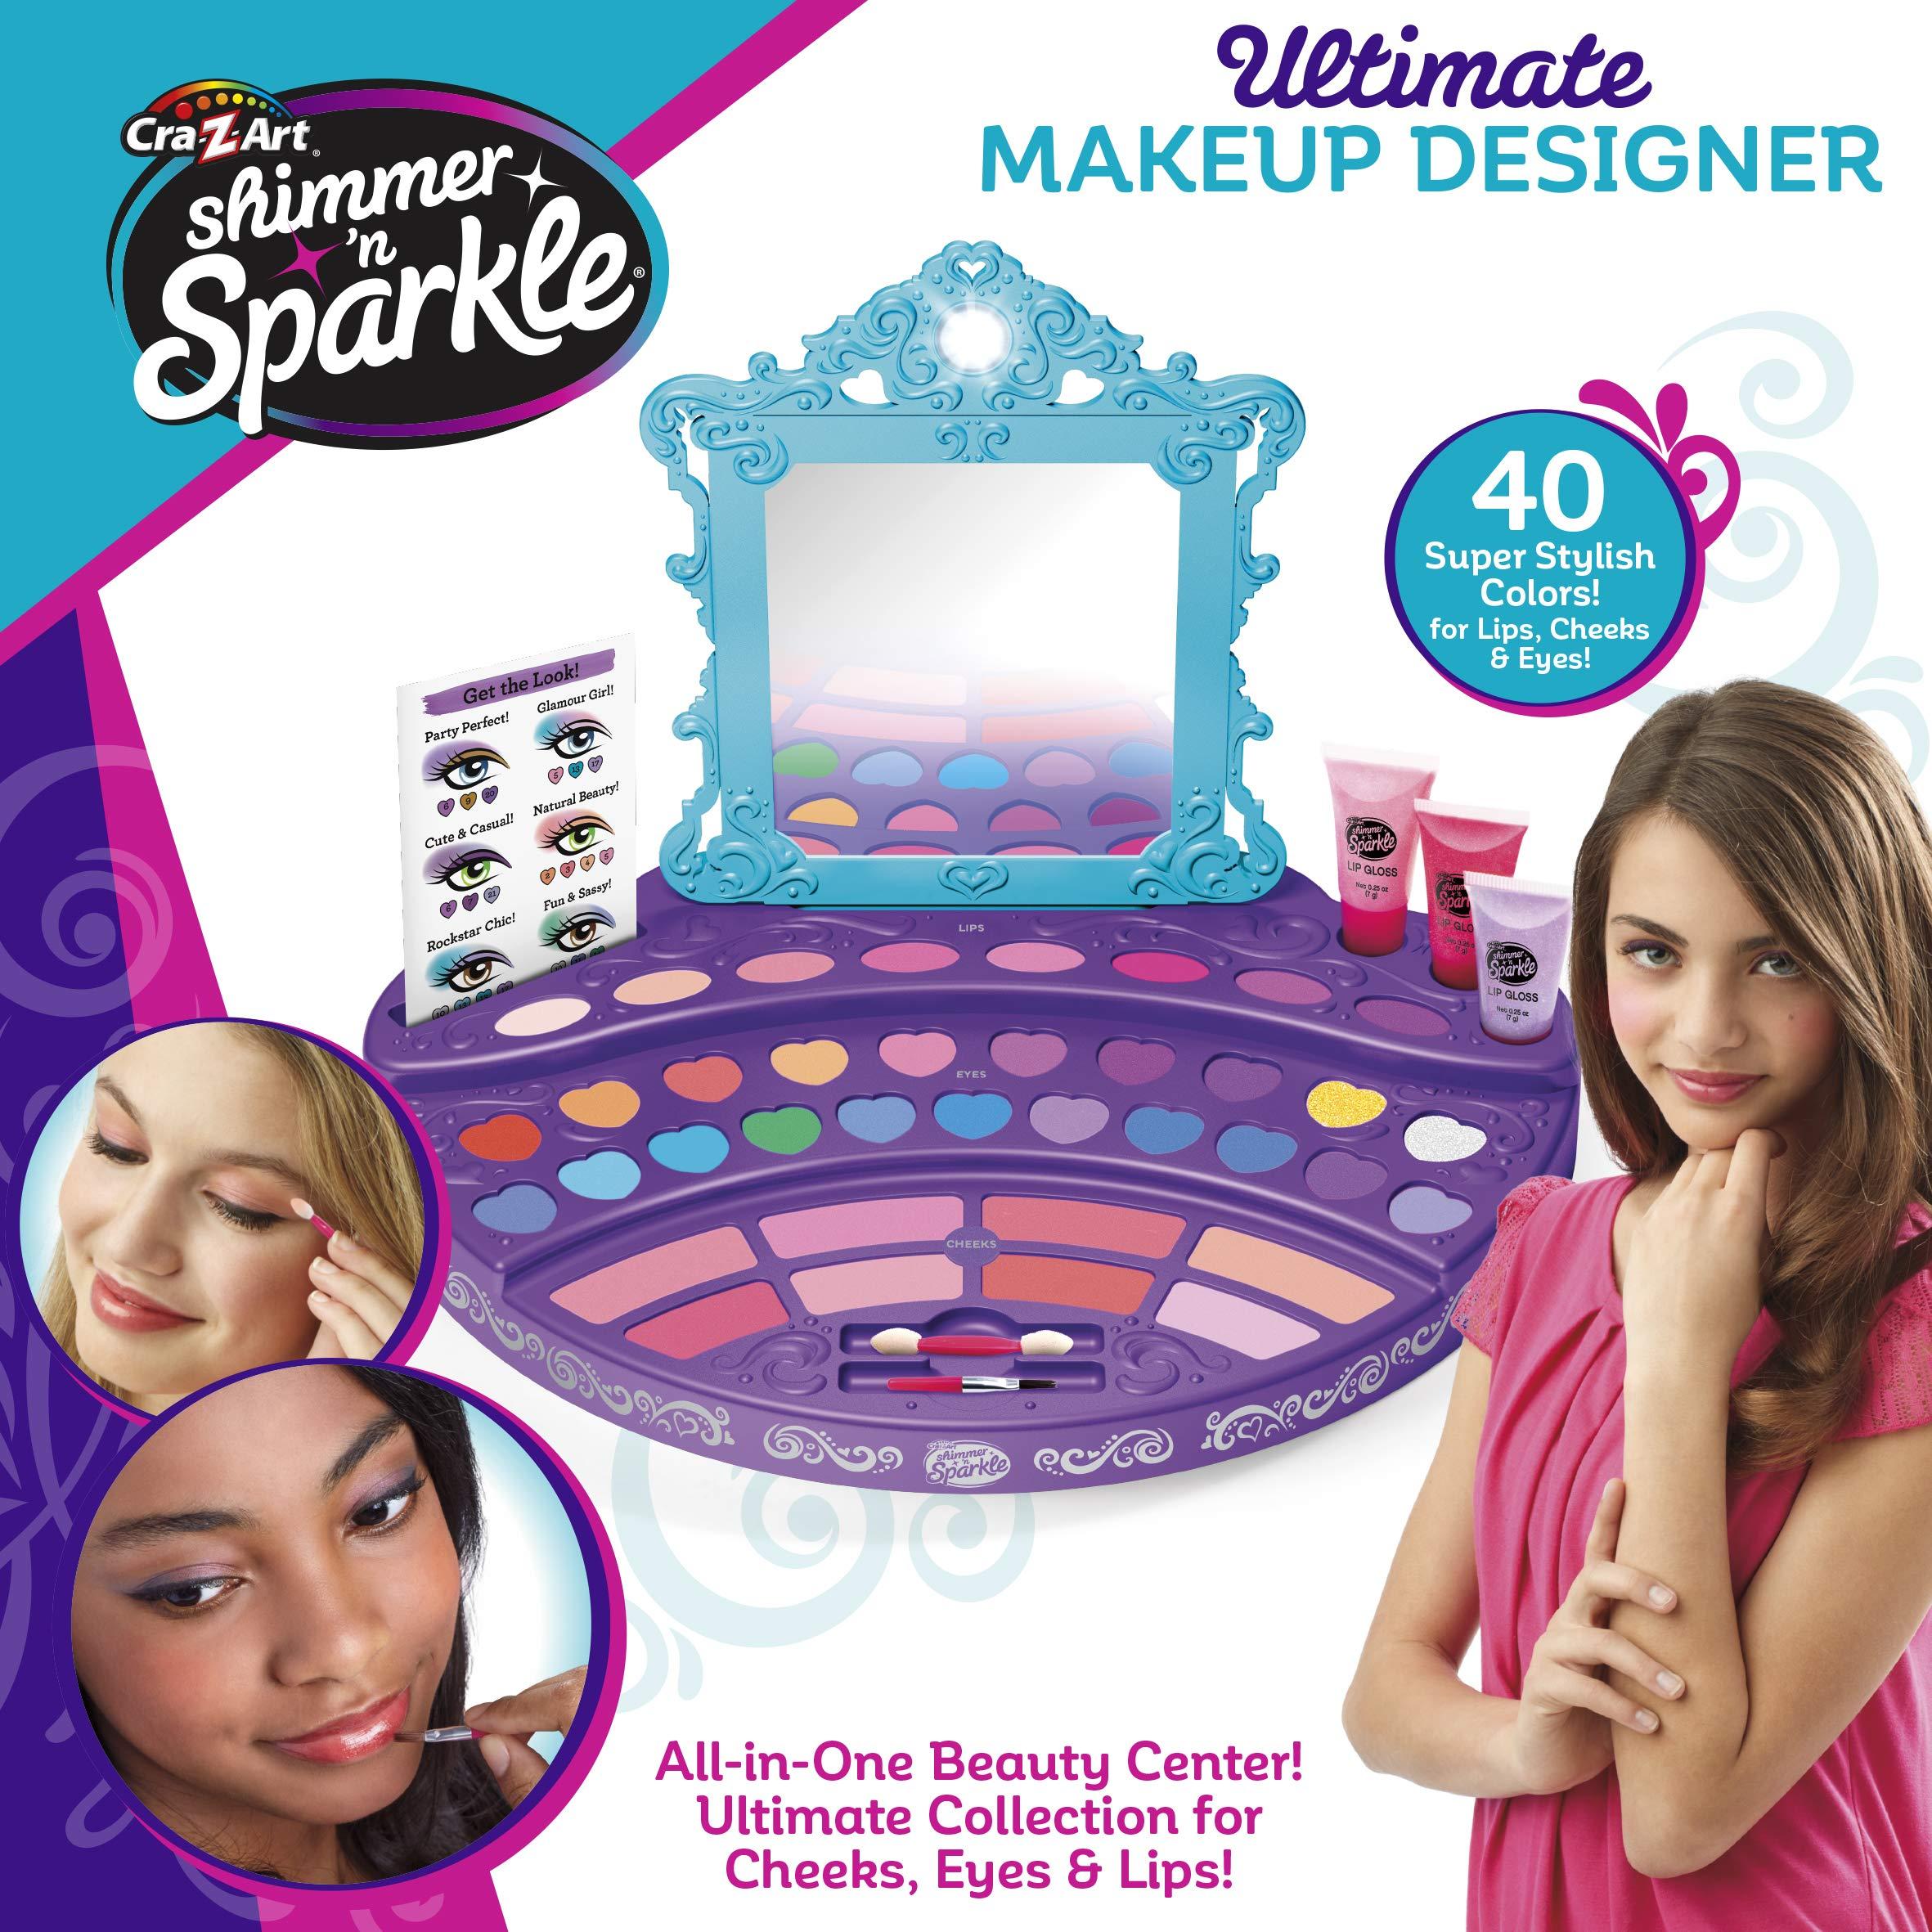 Cra-Z-Art Shimmer 'N Sparkle Ultimate Makeup Designer ...